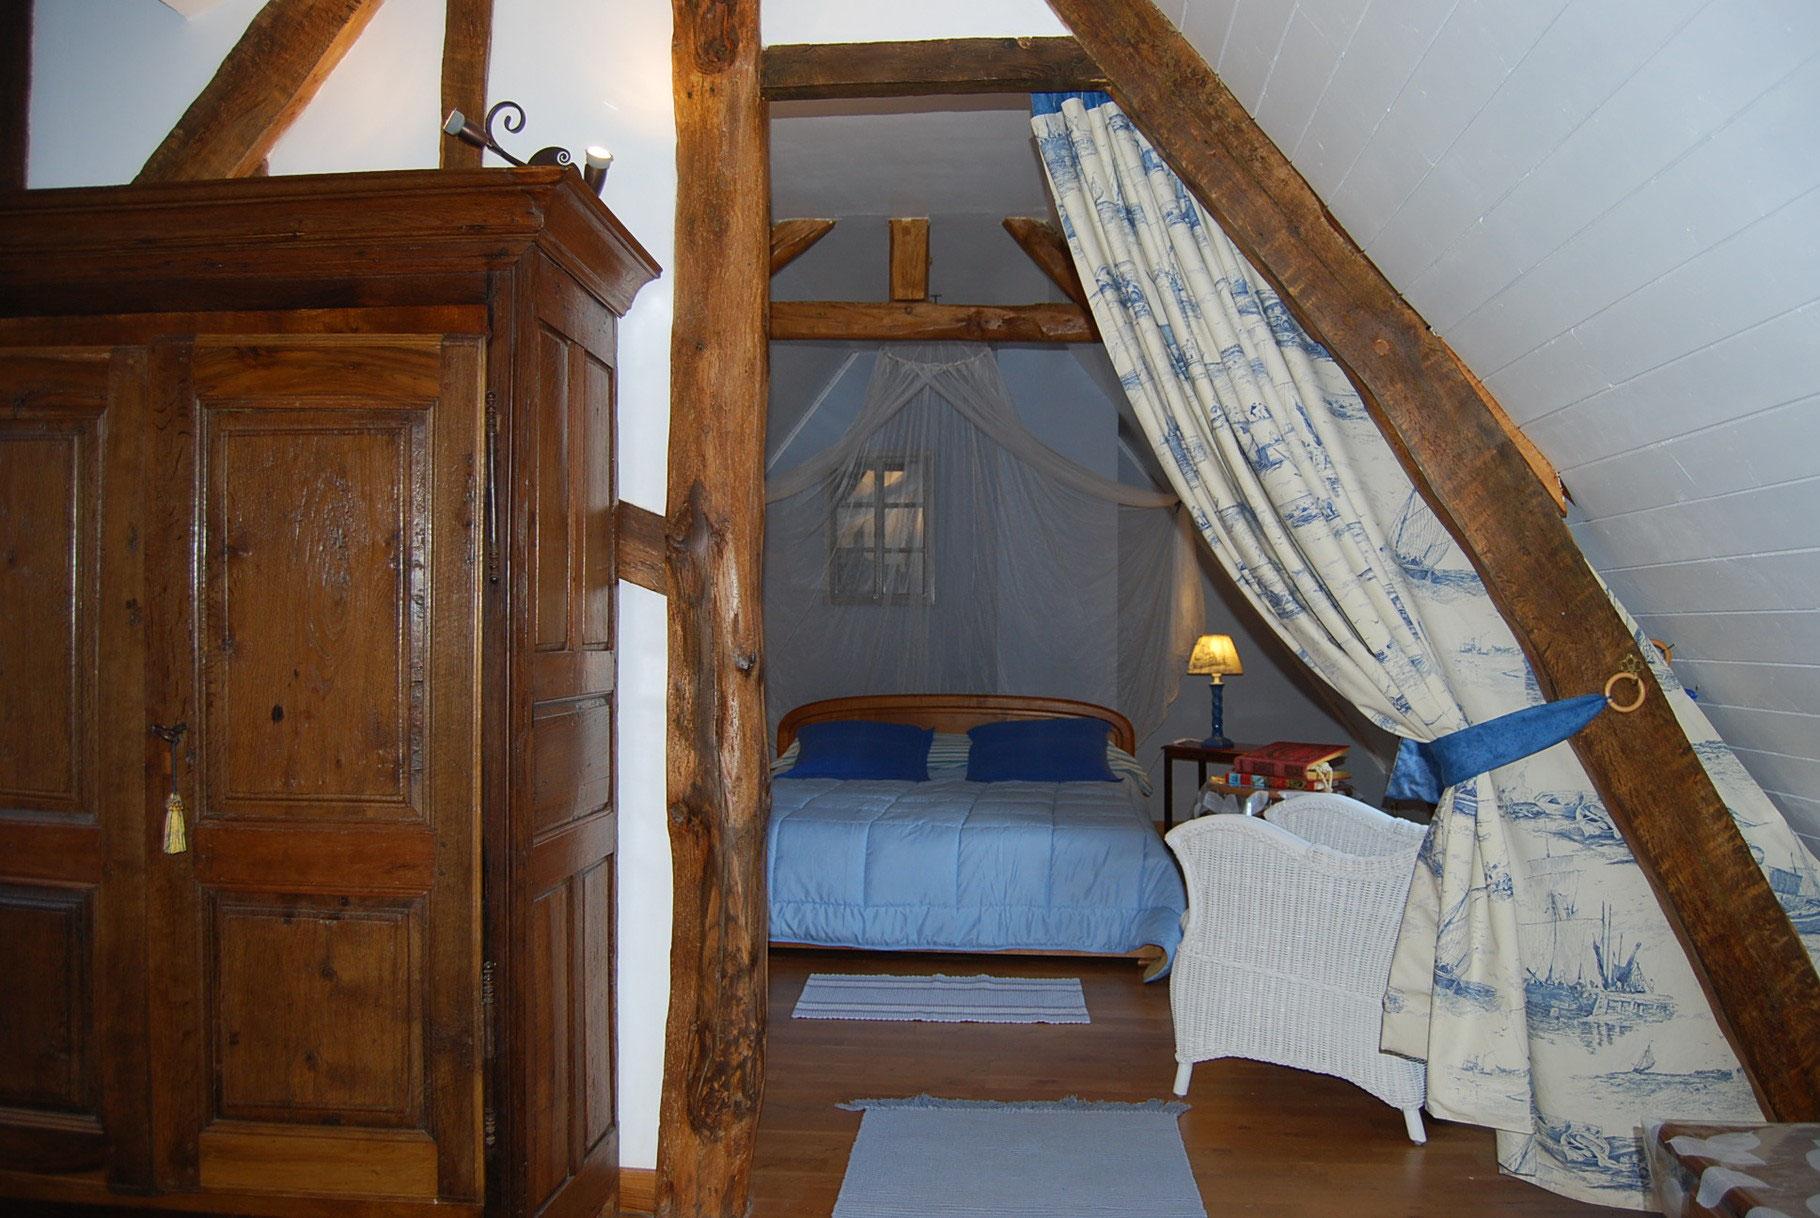 chambres d 39 h tes le crotoy chambres d 39 h tes baie de somme la mare aux iris. Black Bedroom Furniture Sets. Home Design Ideas